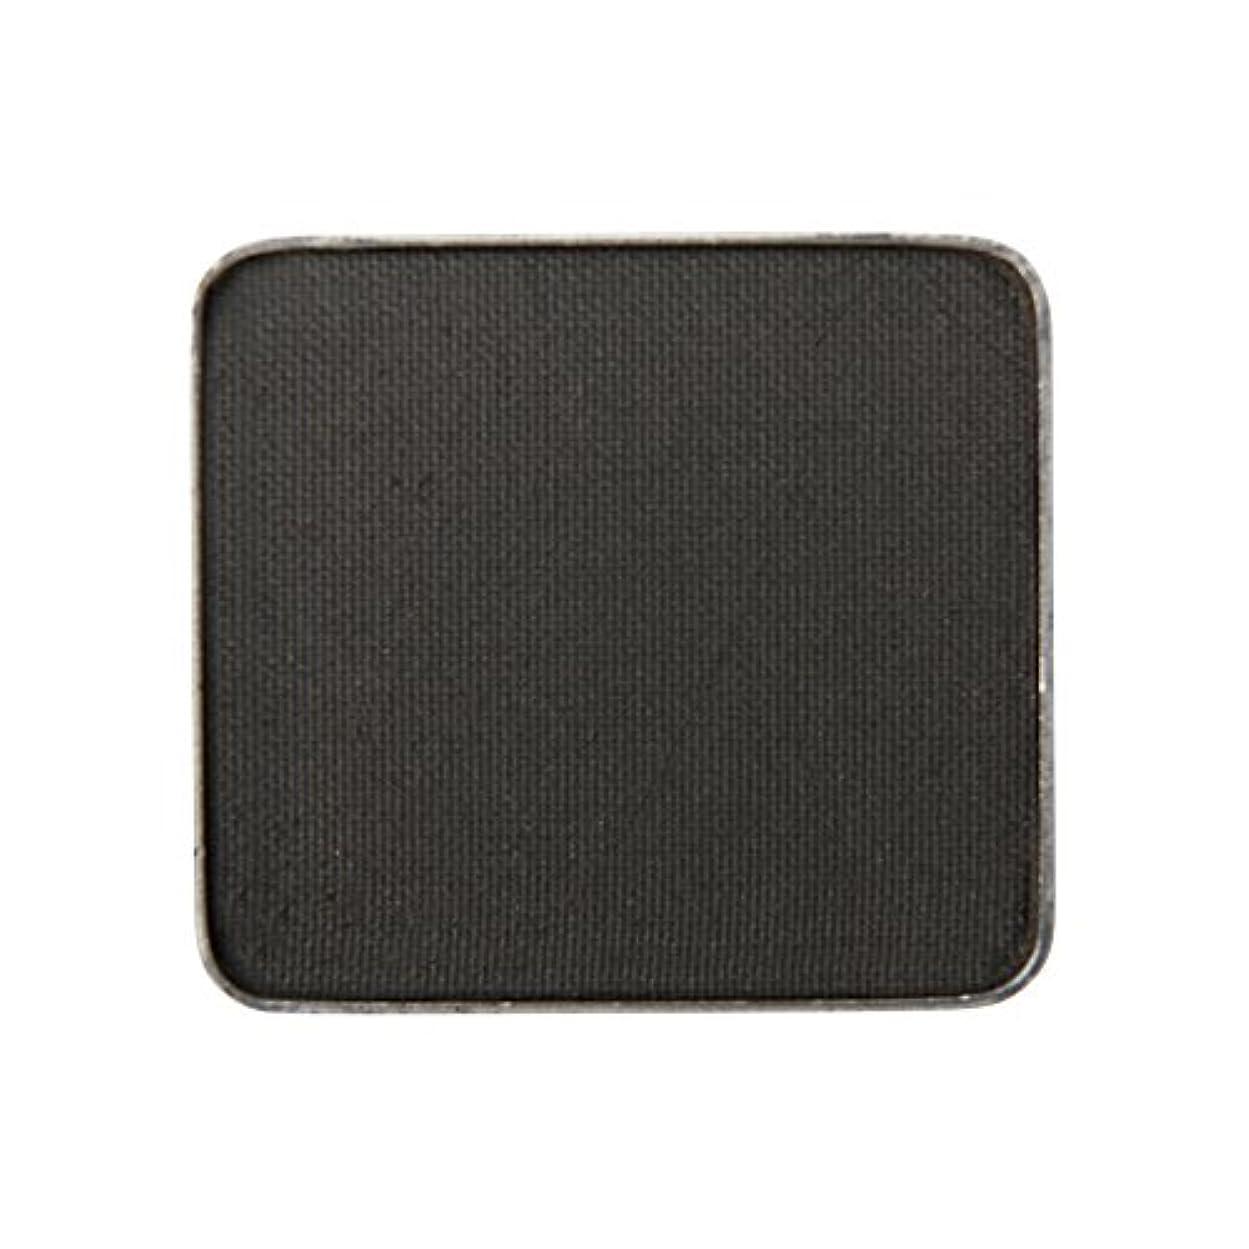 電卓マイクスタジオアヴァンセ シピエ アイズグラッセ BK-4 シャドウ (3.5g)